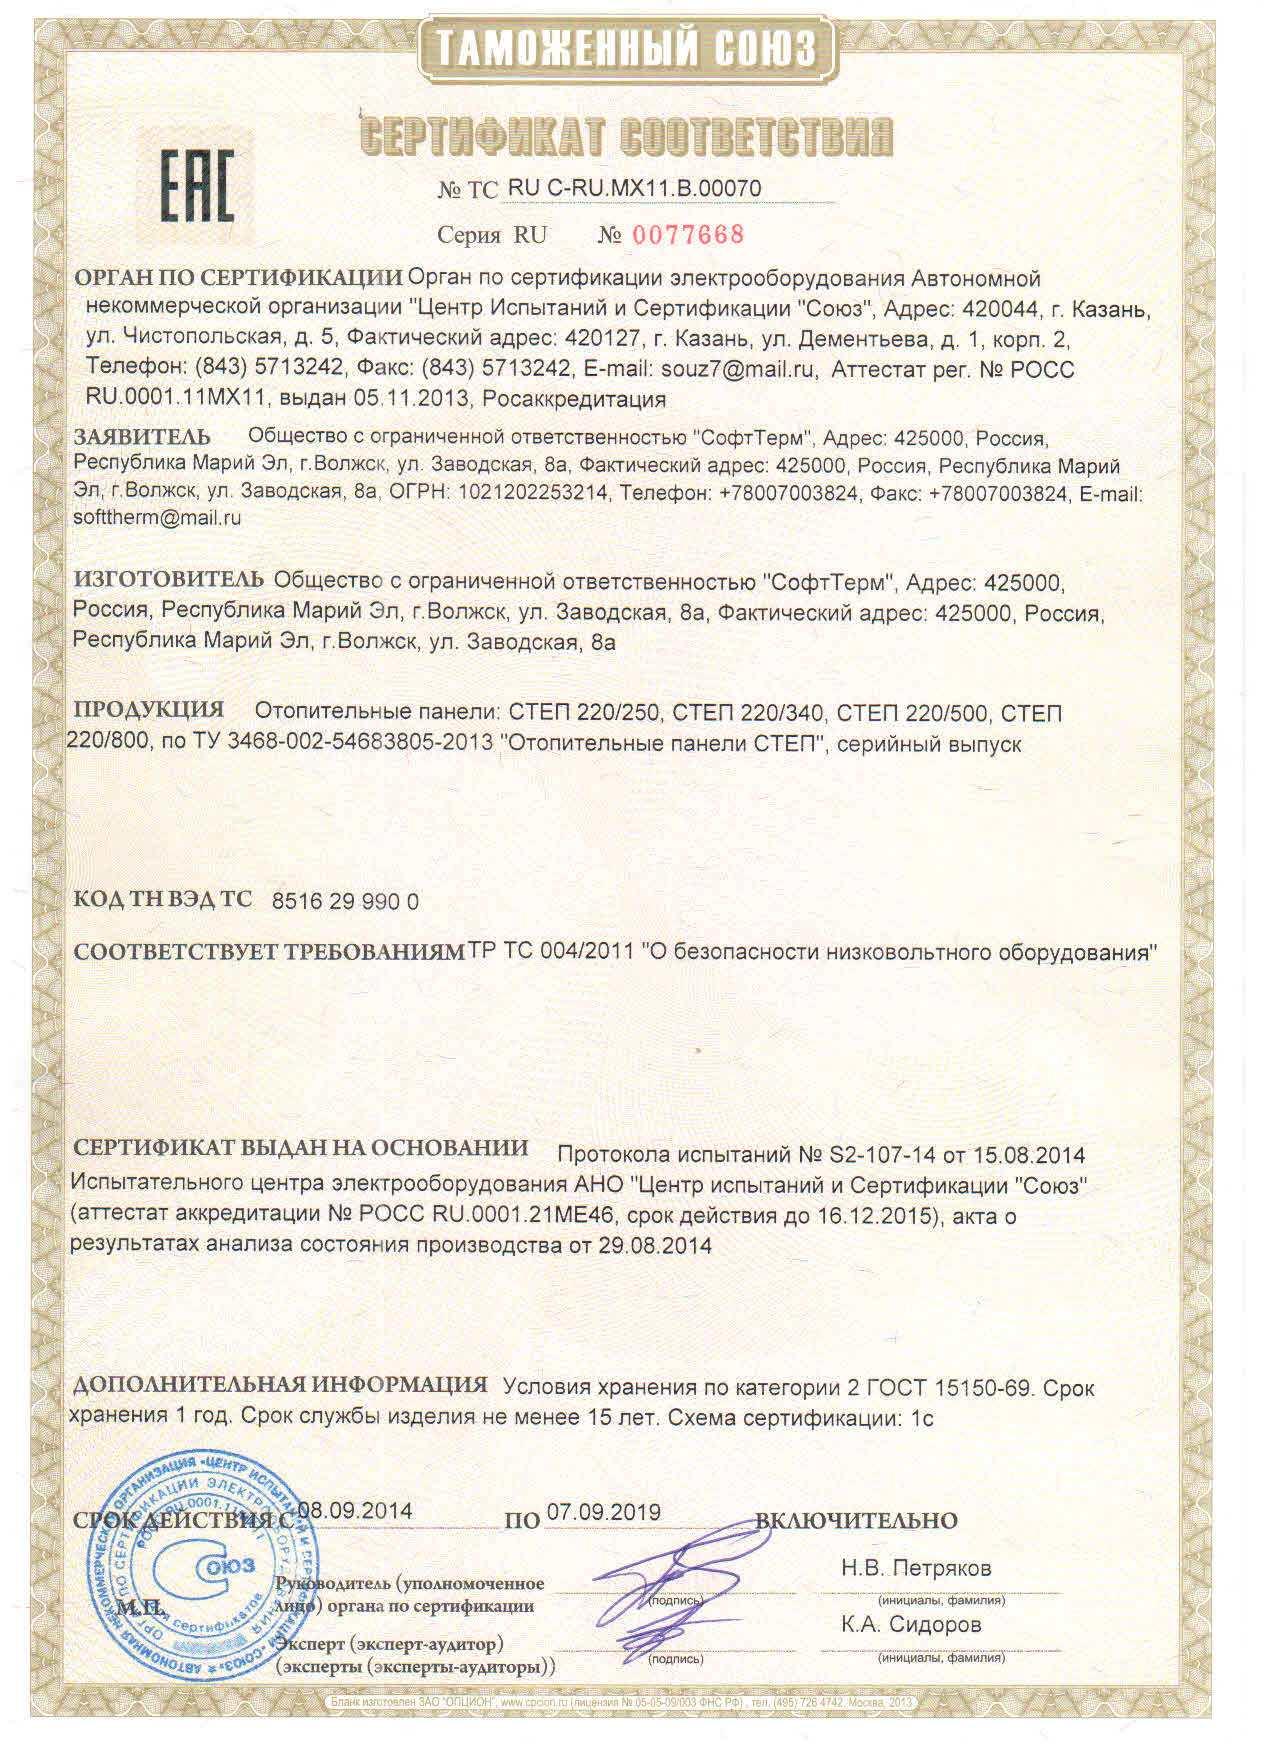 Сертификат соответствия панелей СТЕП-250/1,20 х 0,40